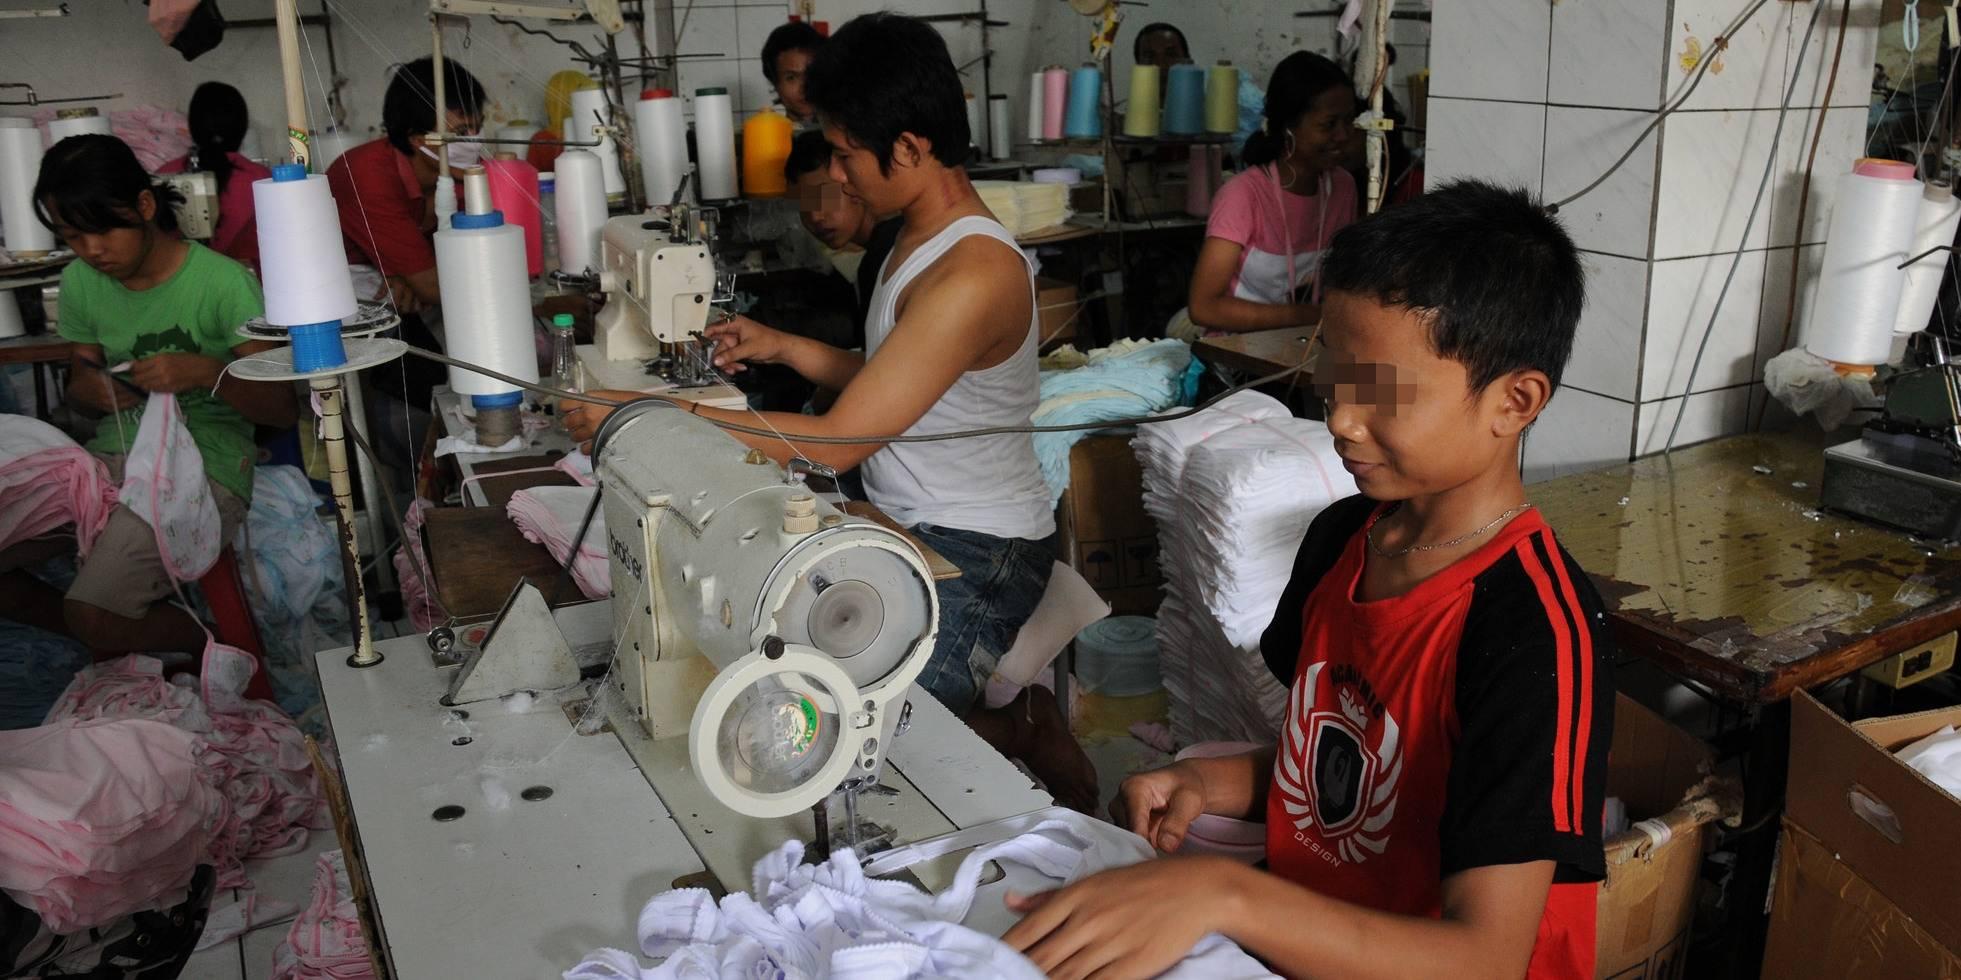 Verdensdagen mot barnearbeid